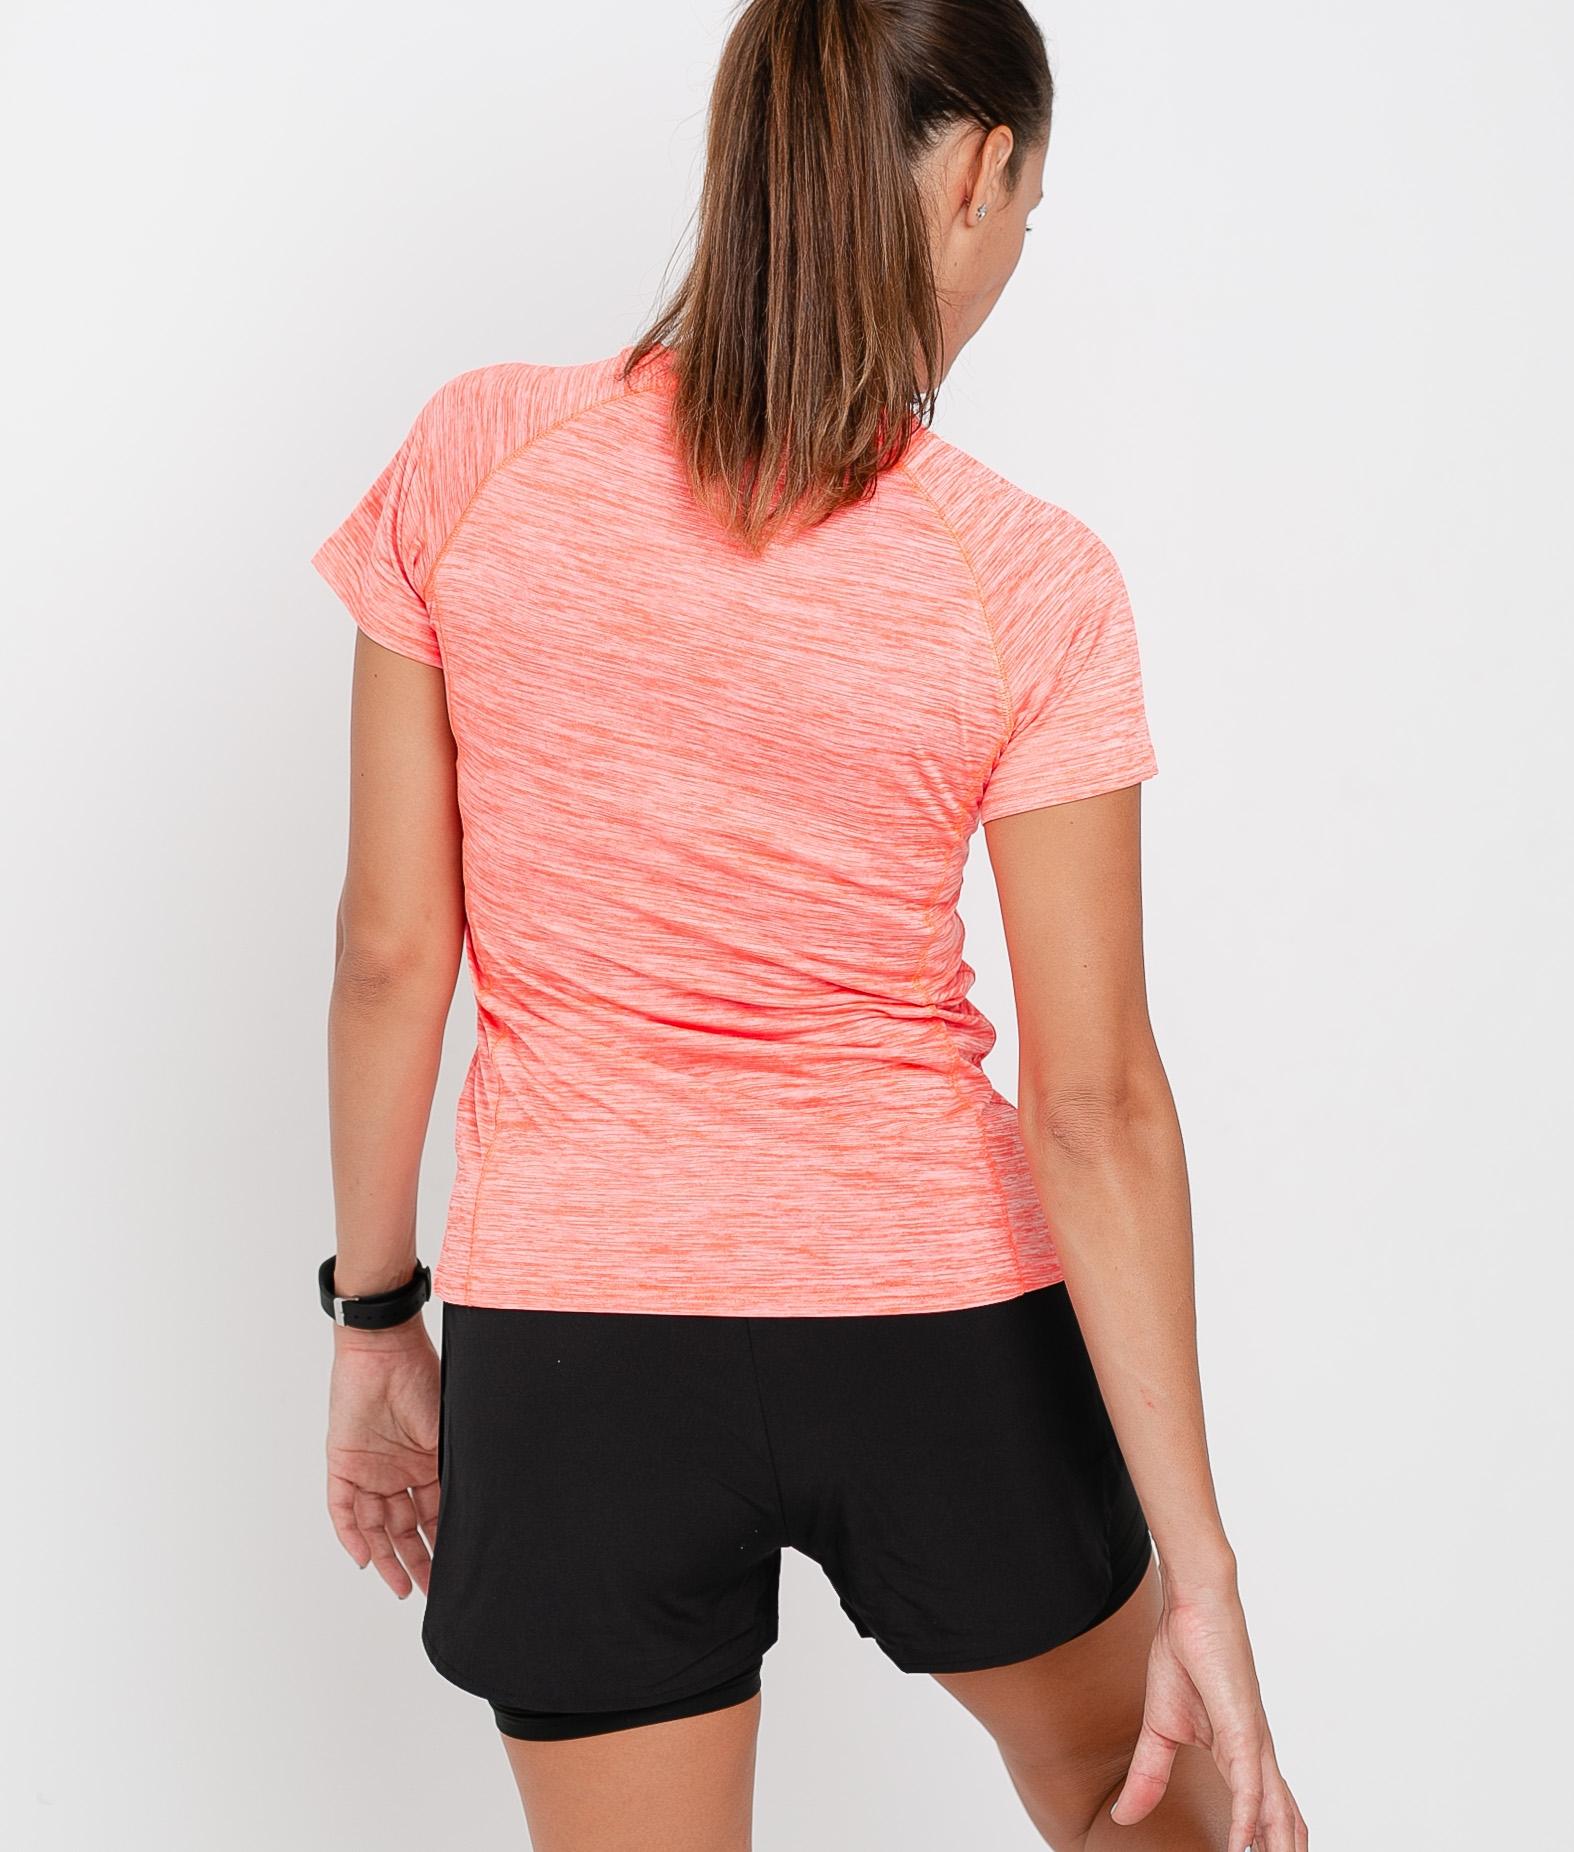 Camiseta Leira - Corallo Fluoro